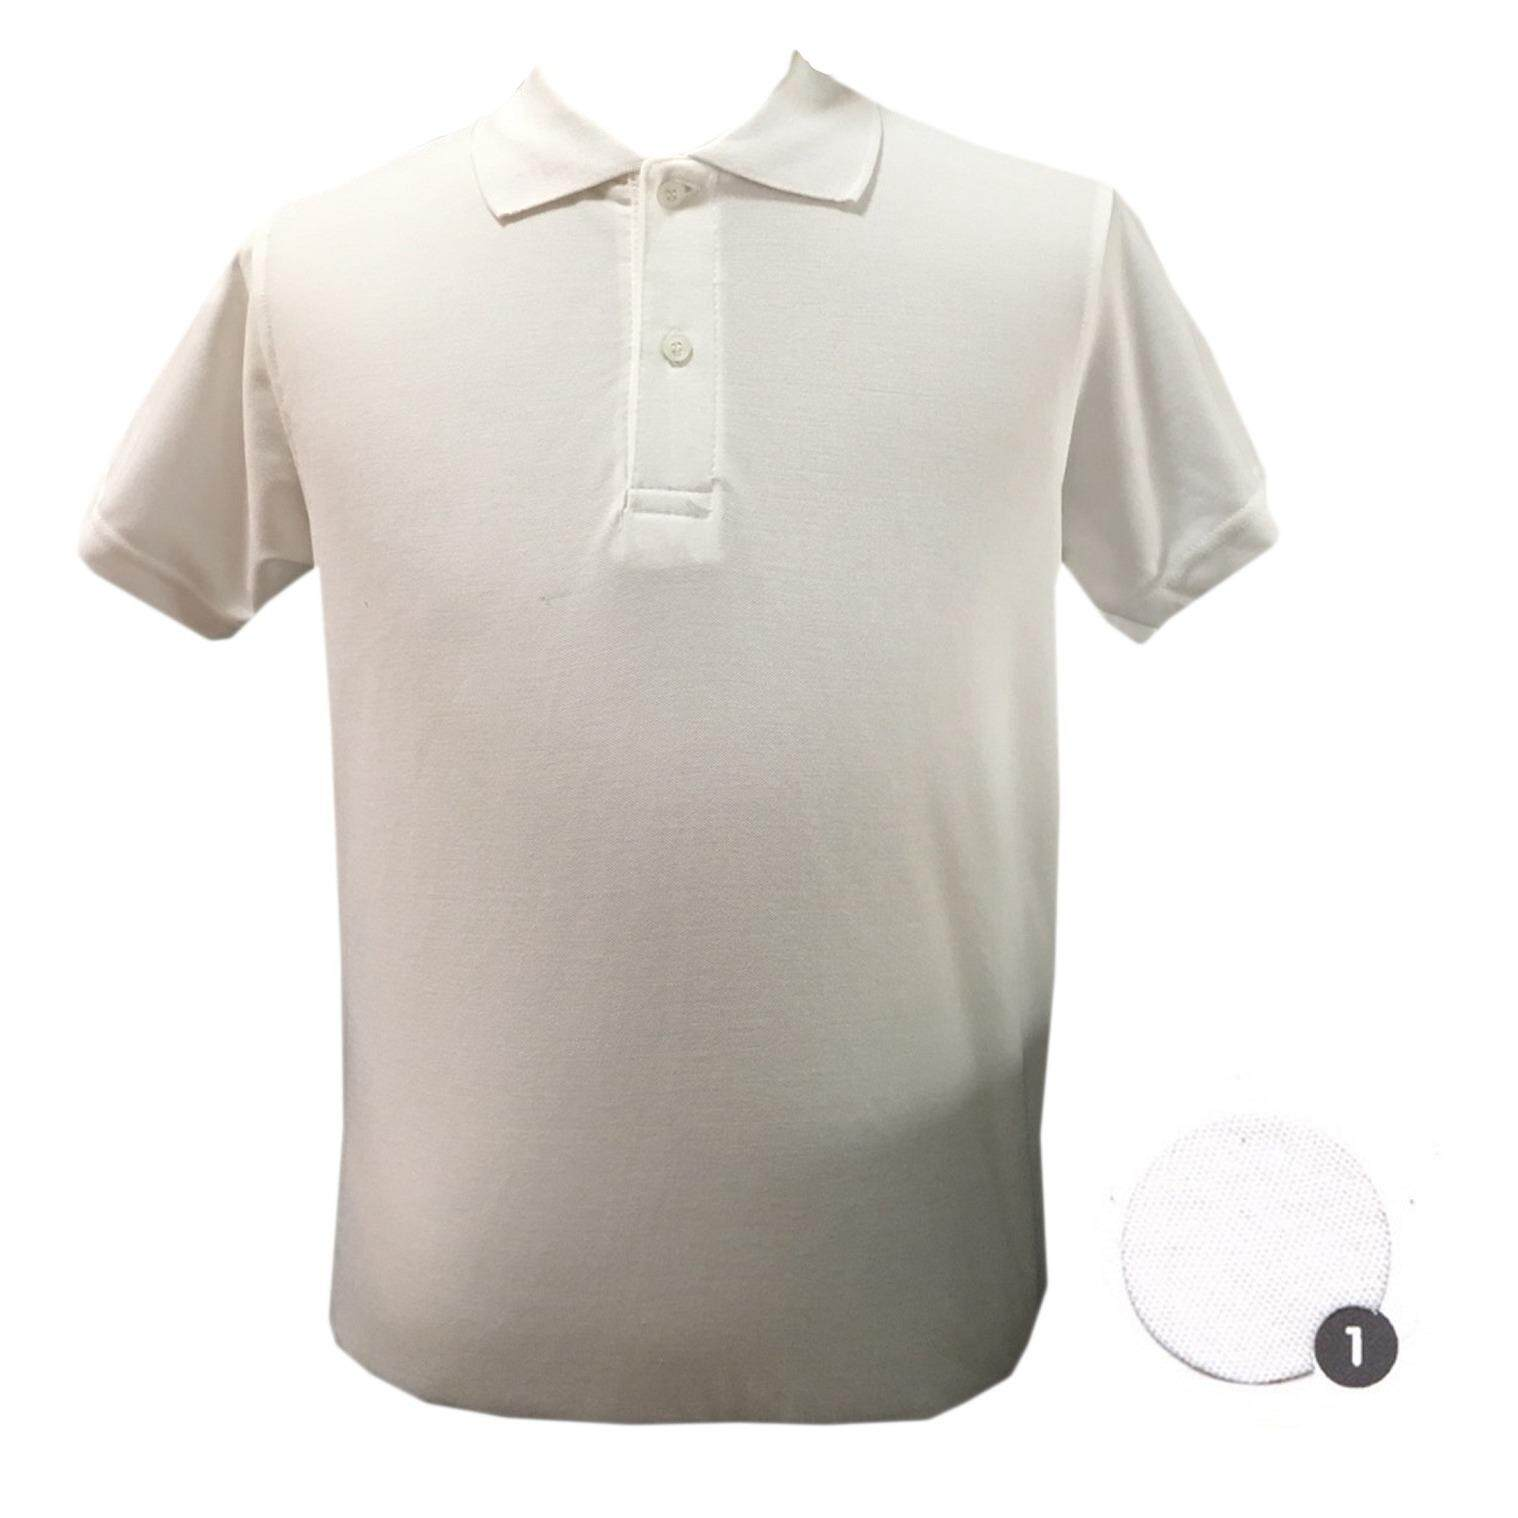 ส่วนลด เสื้อโปโล ผ้าจุติ สีขาว Chahom กรุงเทพมหานคร